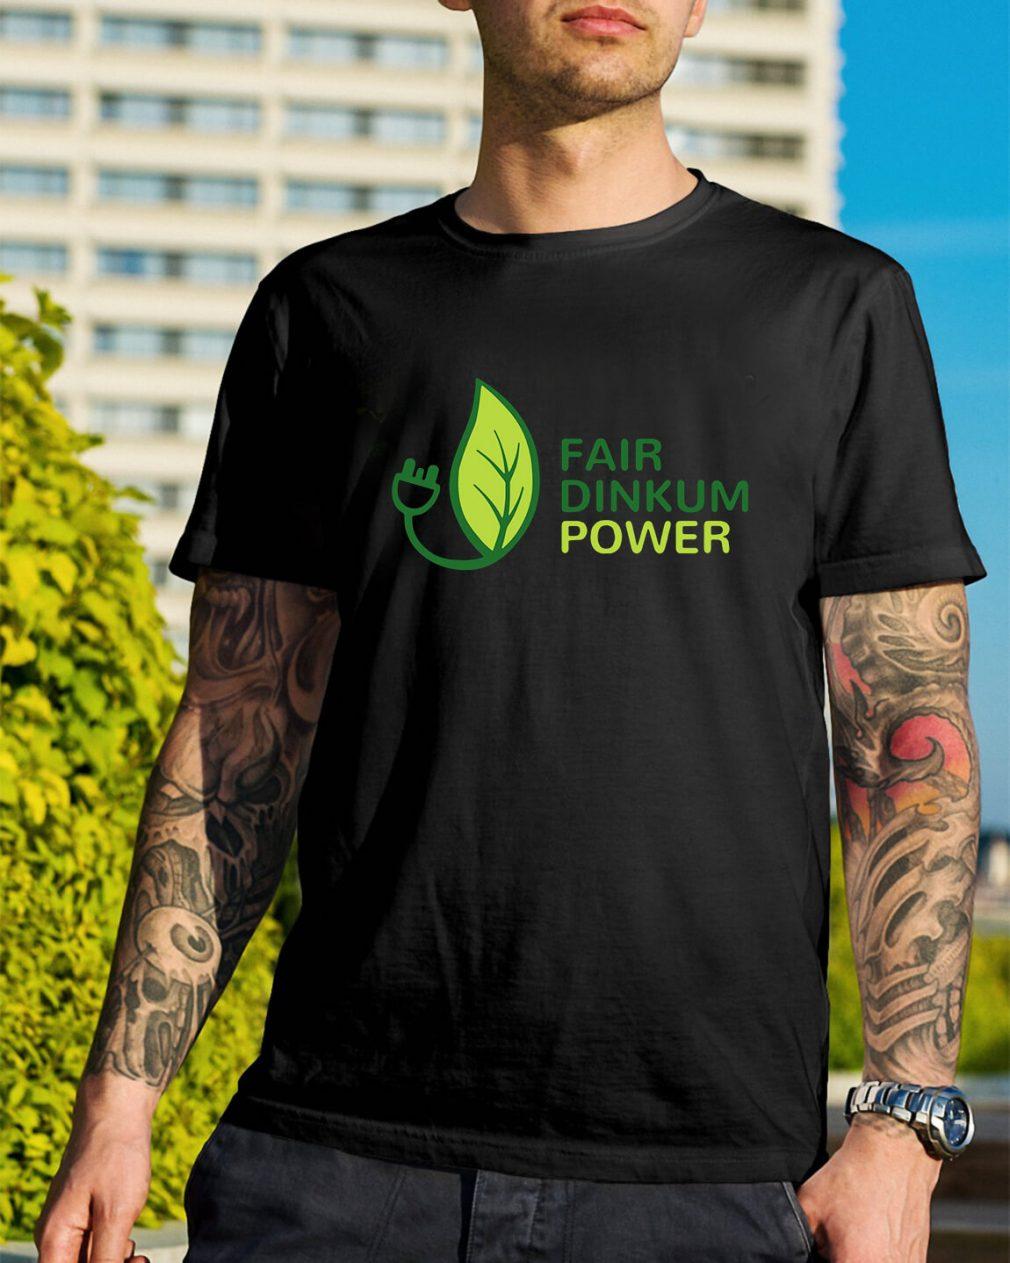 Fair dinkum power shirt